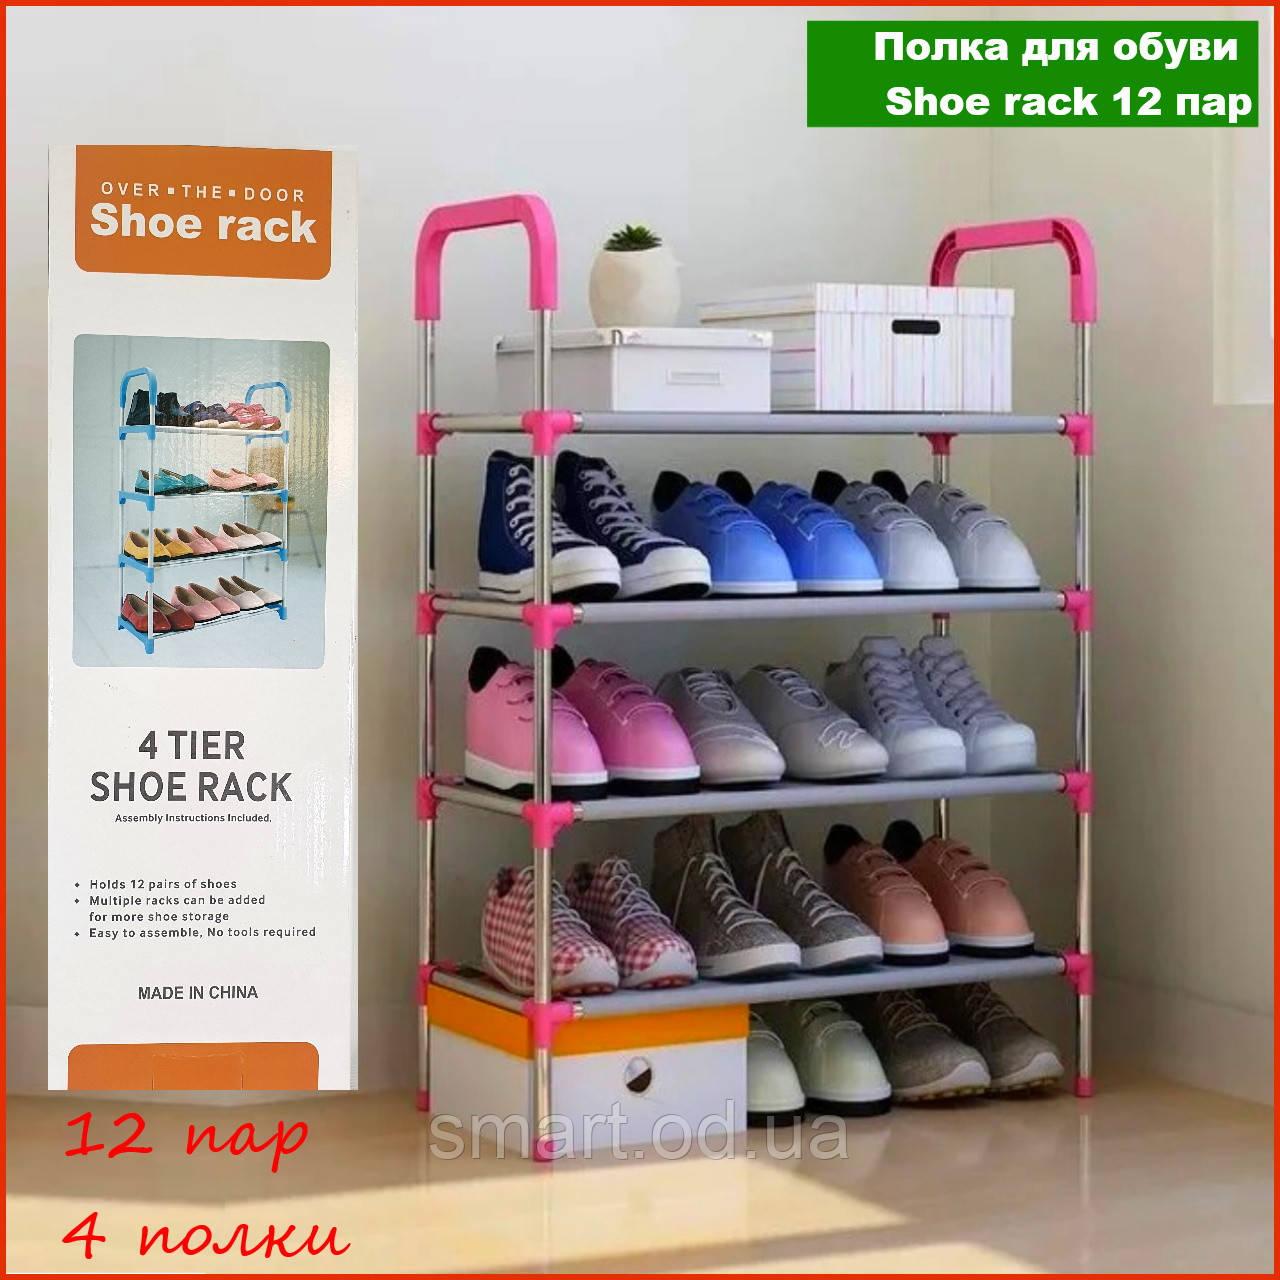 Стійка підставка для взуття Stackable Shoe Rack, 4 полки, 12 пар органайзер взуттєвої стелаж етажерка